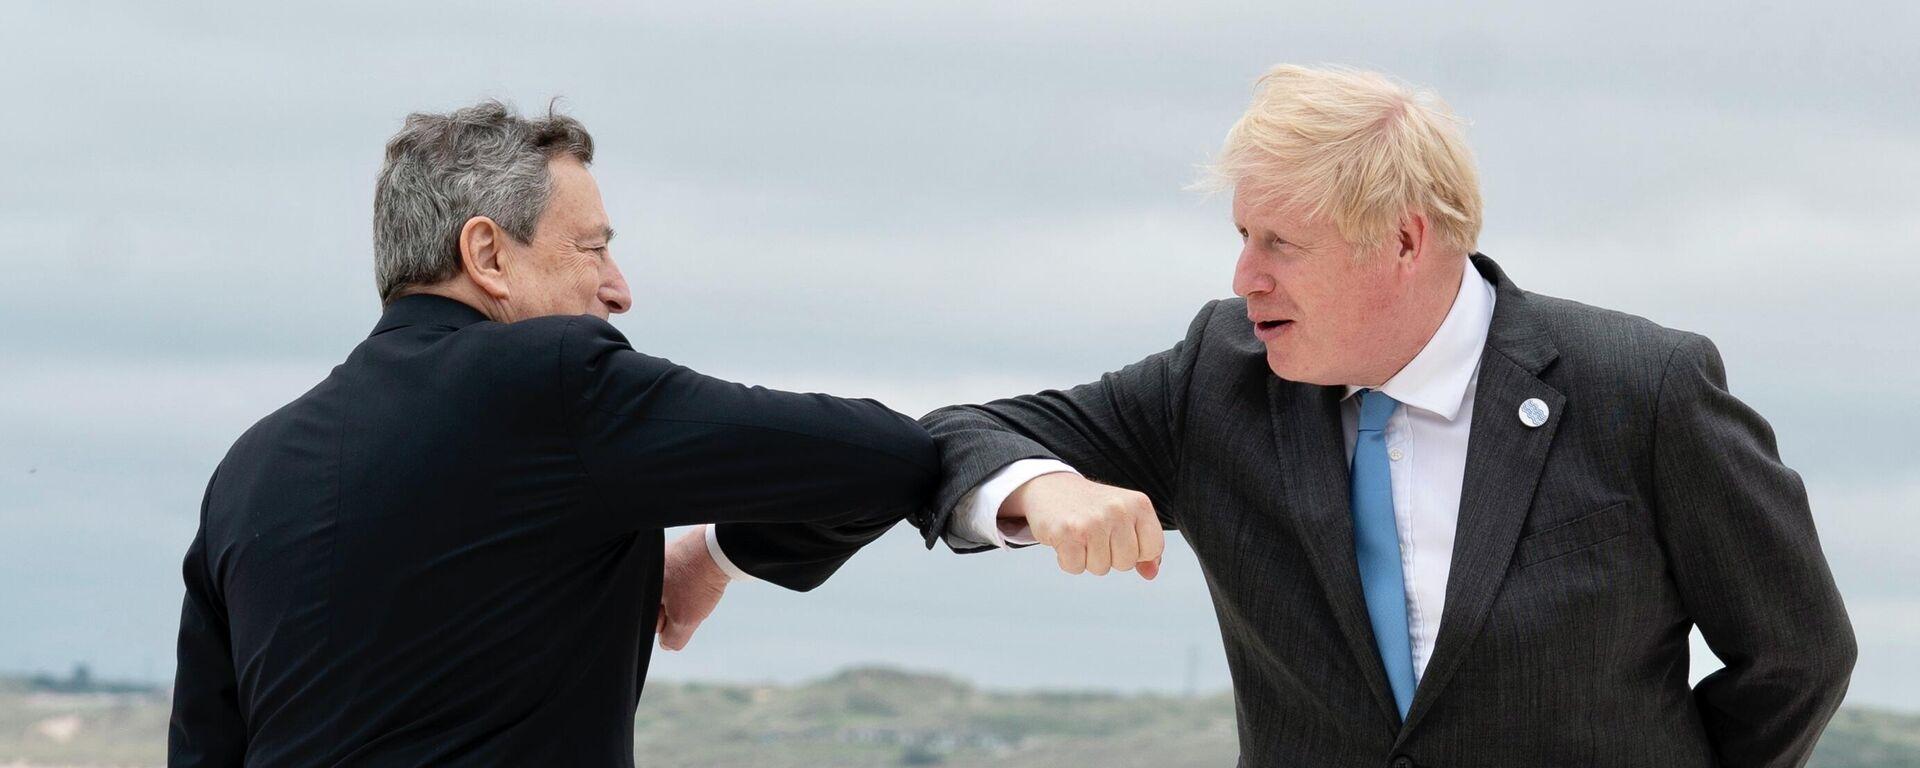 Boris Johnson e Mario Draghi al G7 in Cornovaglia - Sputnik Italia, 1920, 18.07.2021